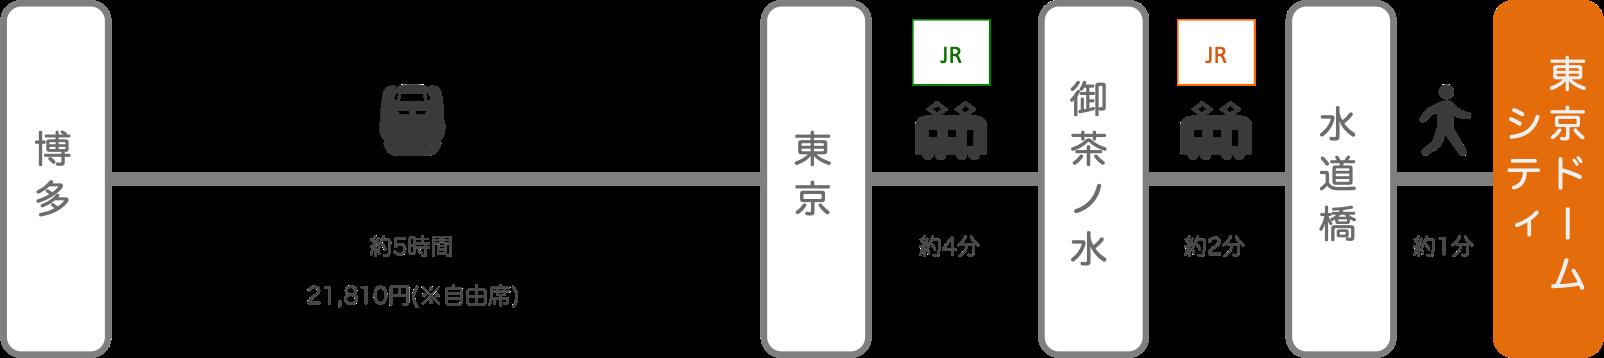 東京ドームシティ_博多(福岡)_新幹線